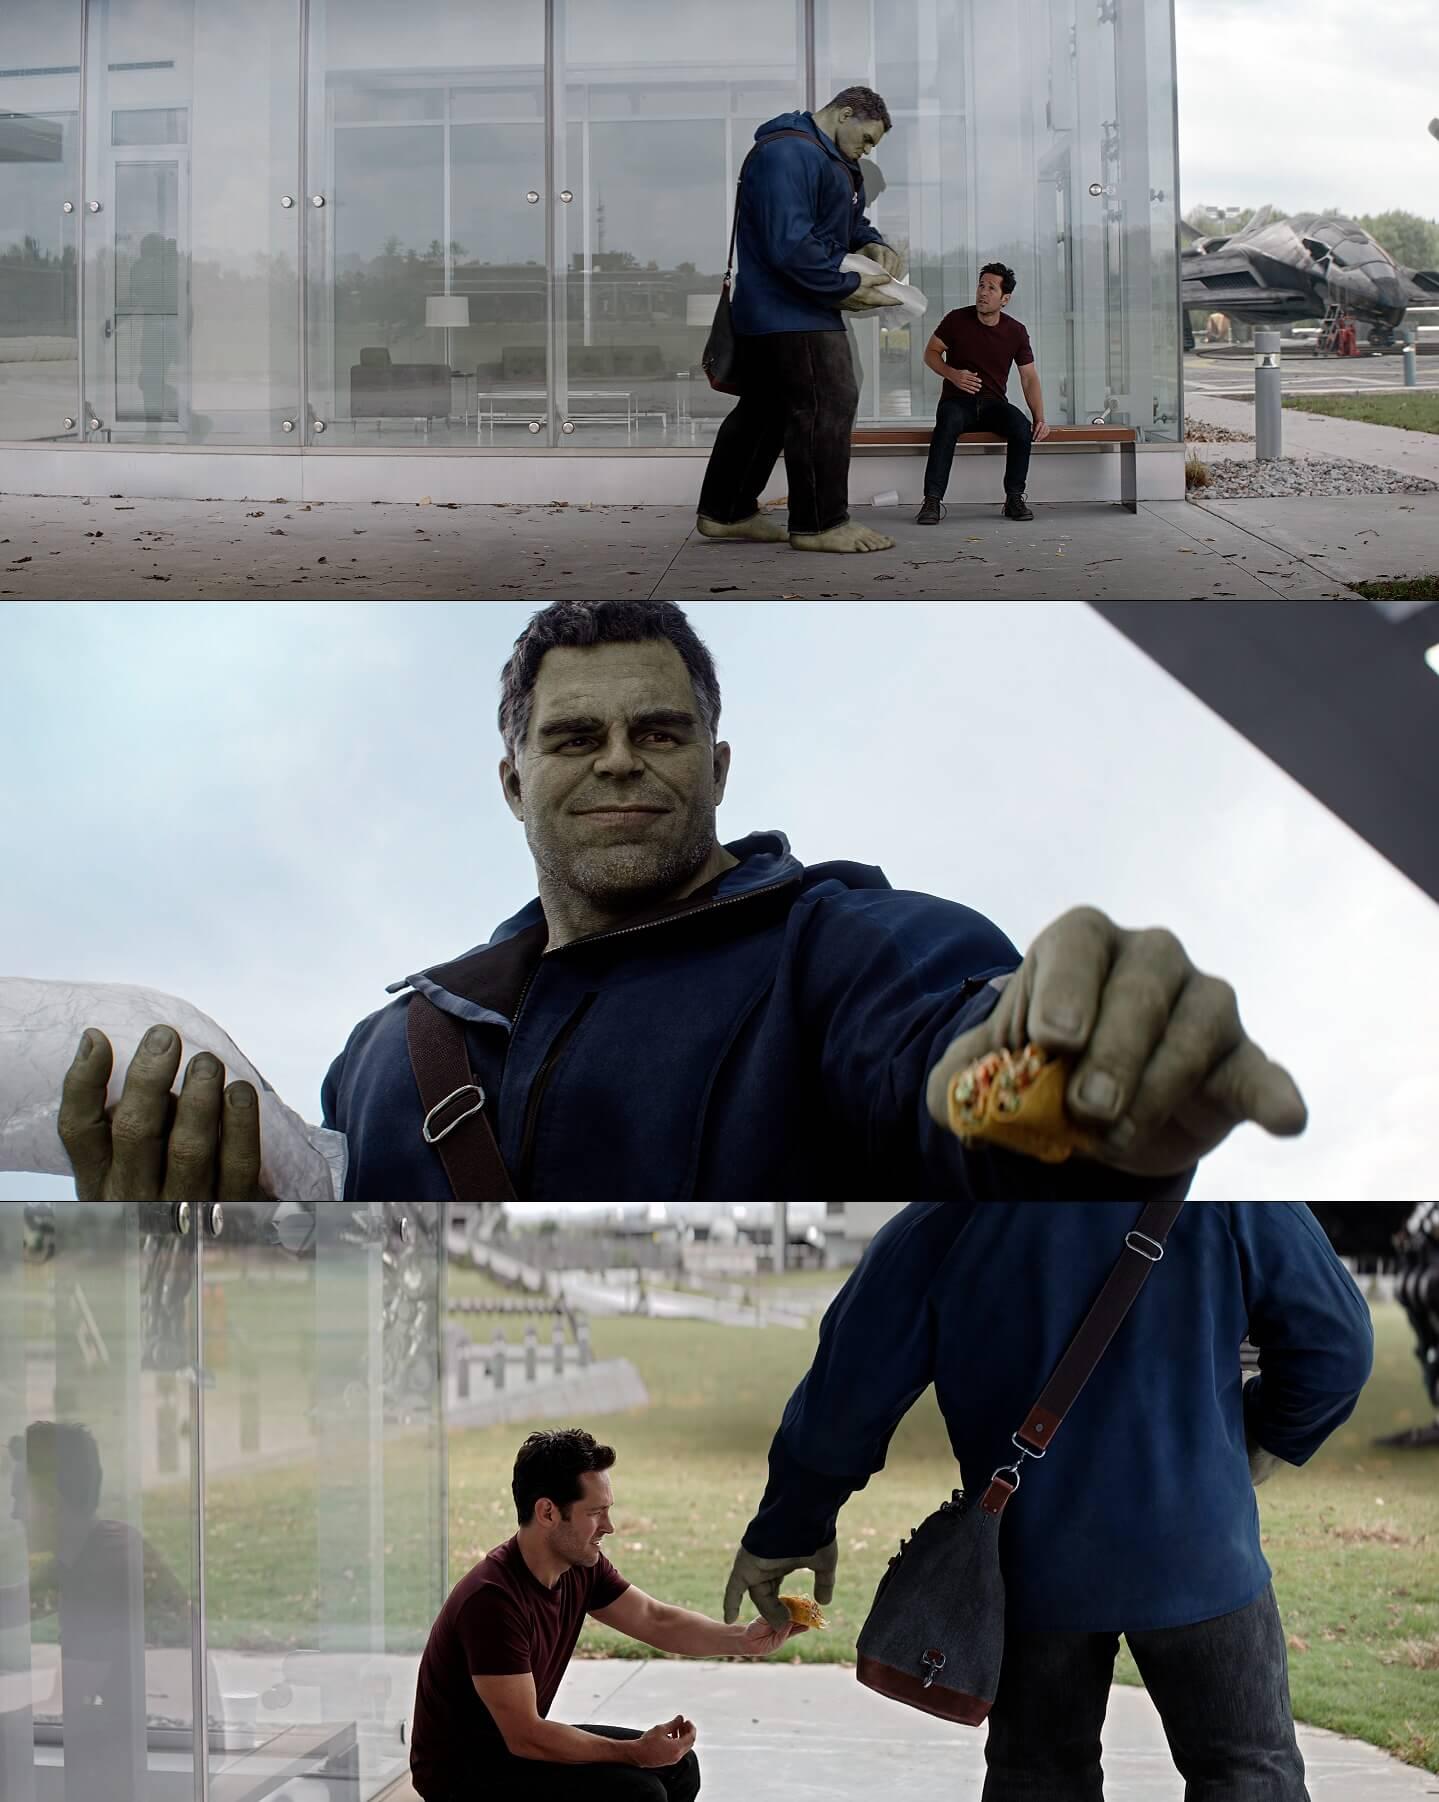 Plantilla de Hulk ofreciéndole taco a Ant-Man